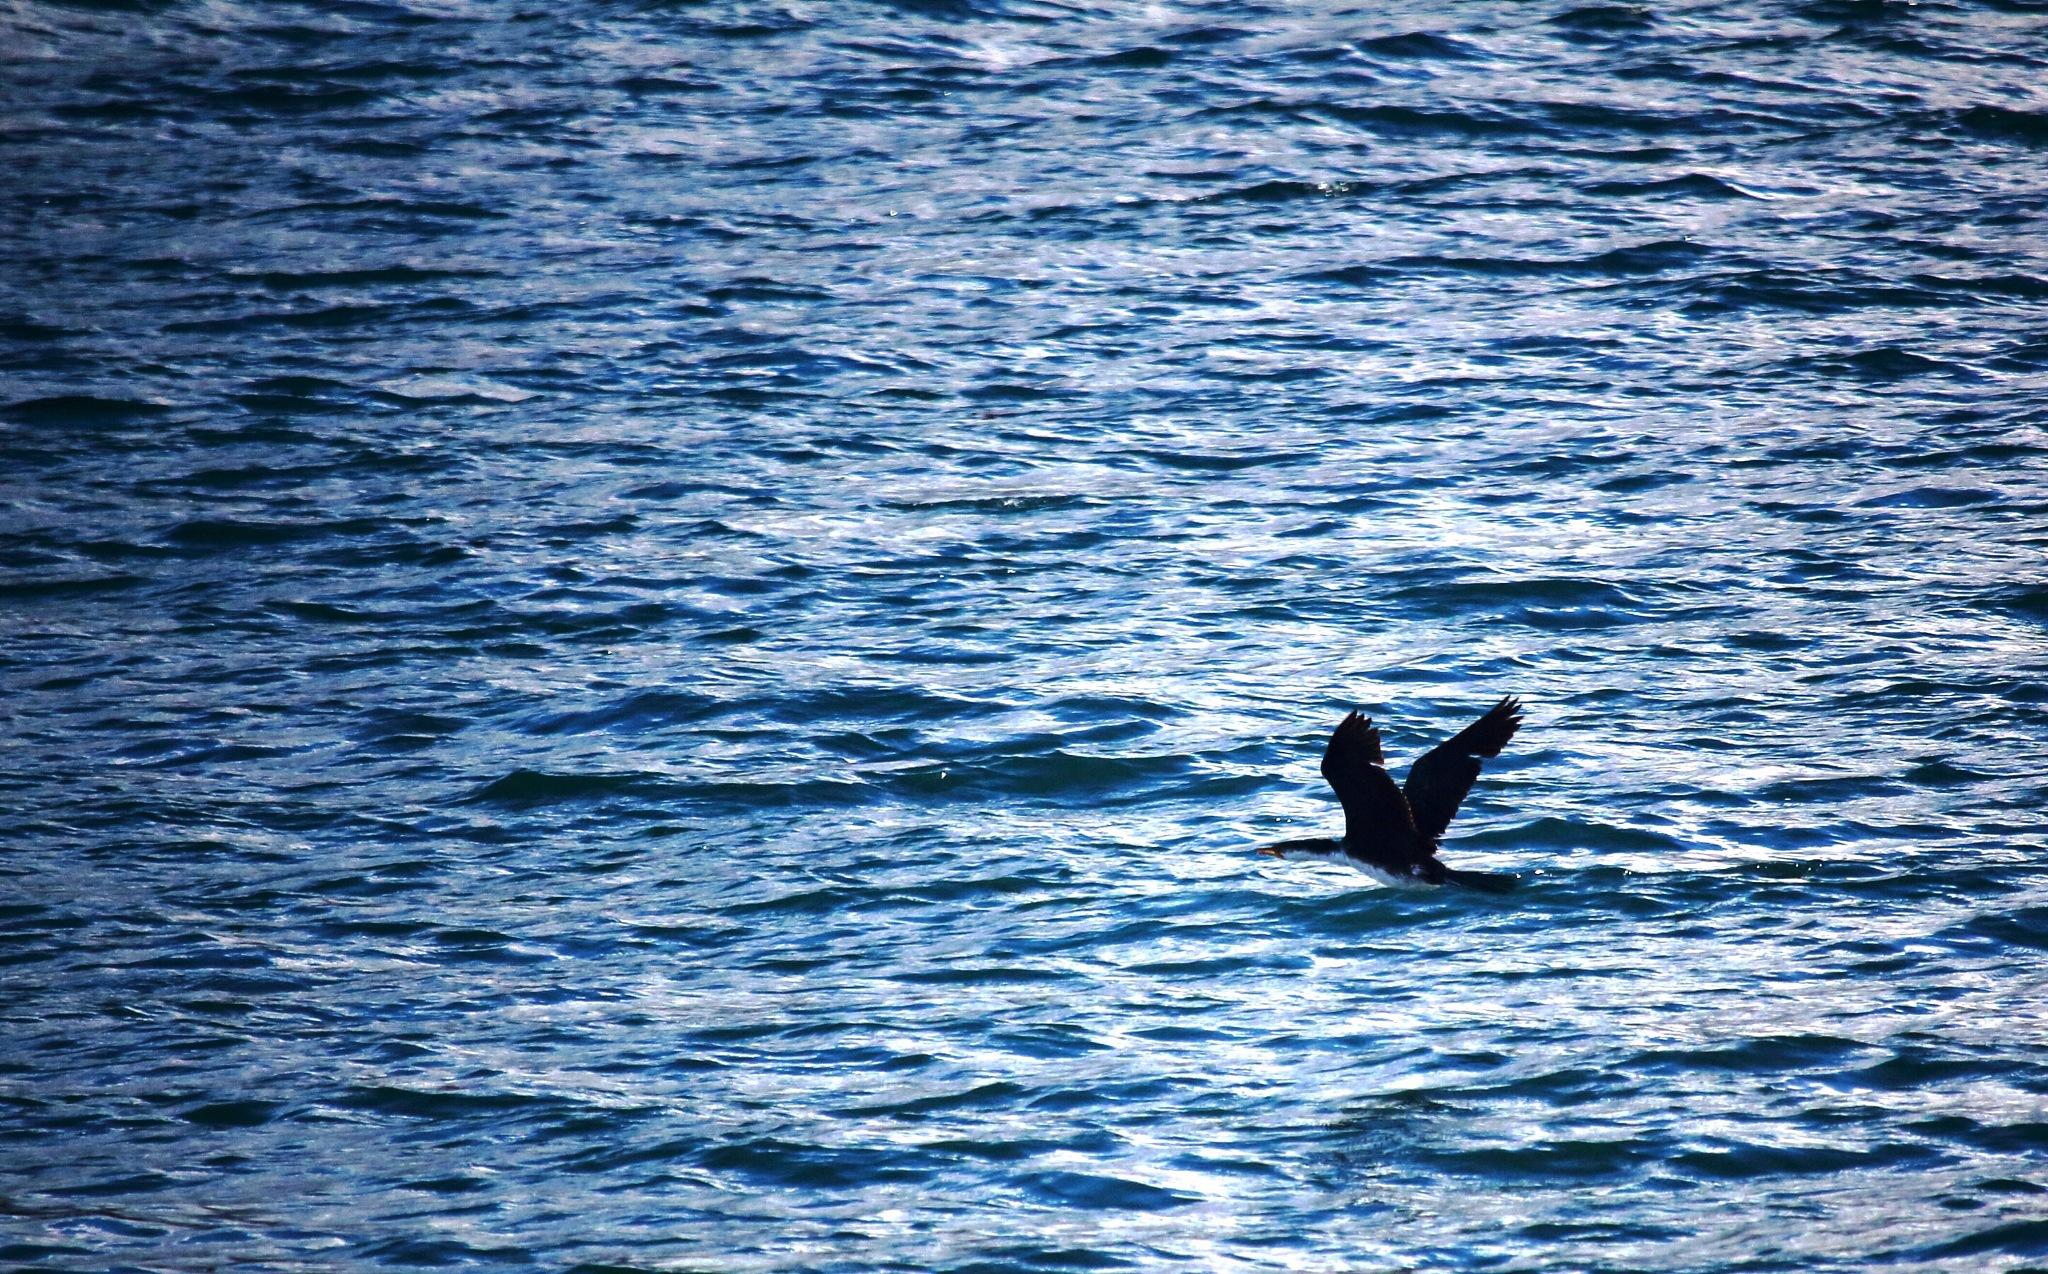 Bird over ocean by JenC